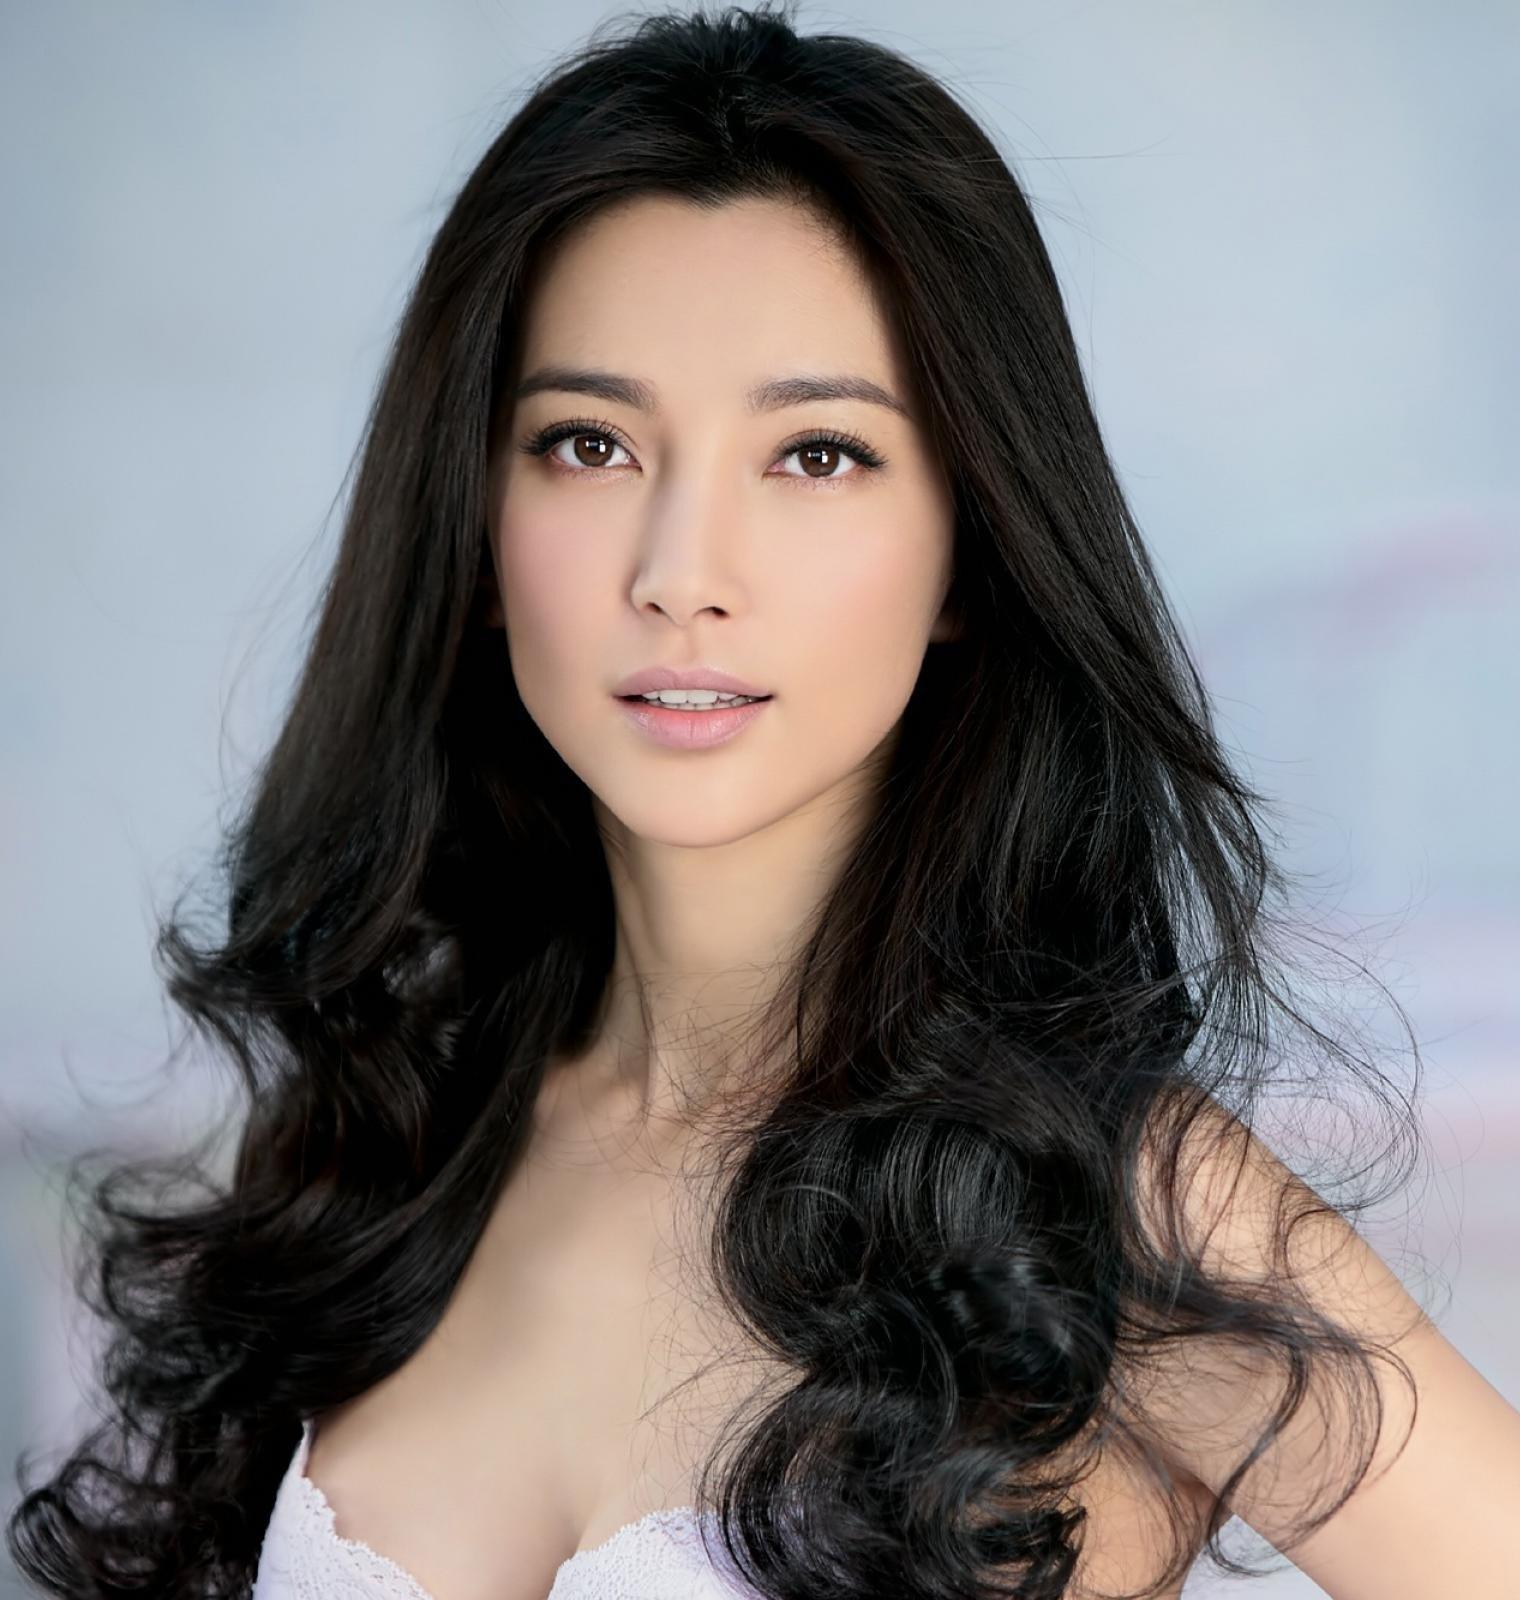 Фото красивых китаянок 2 фотография